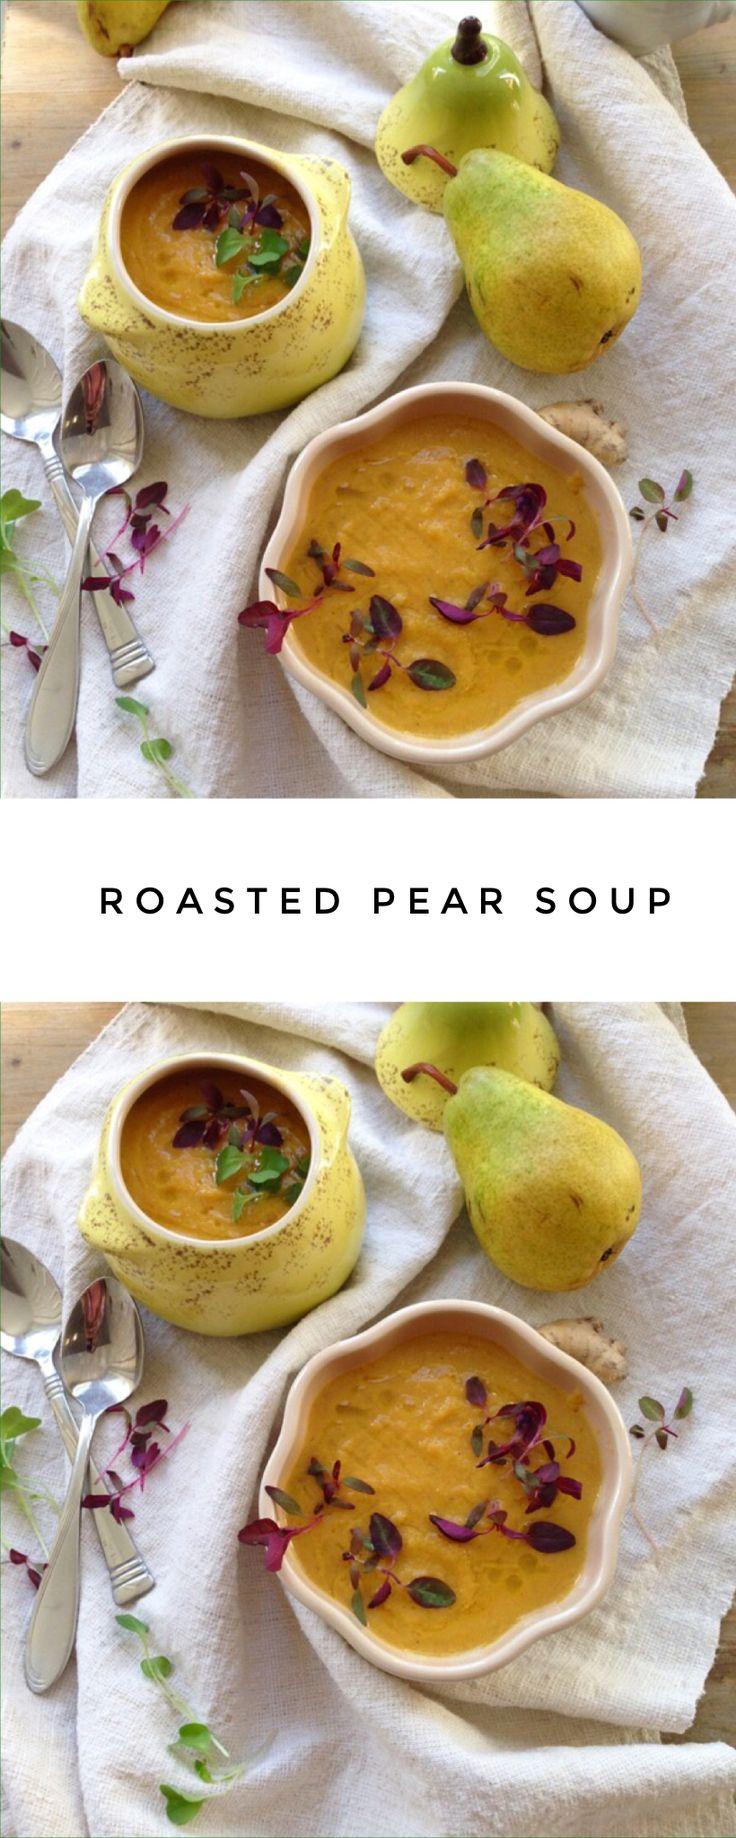 Roasted Pear Soup Recipe   CiaoFlorentina.com @CiaoFlorentina